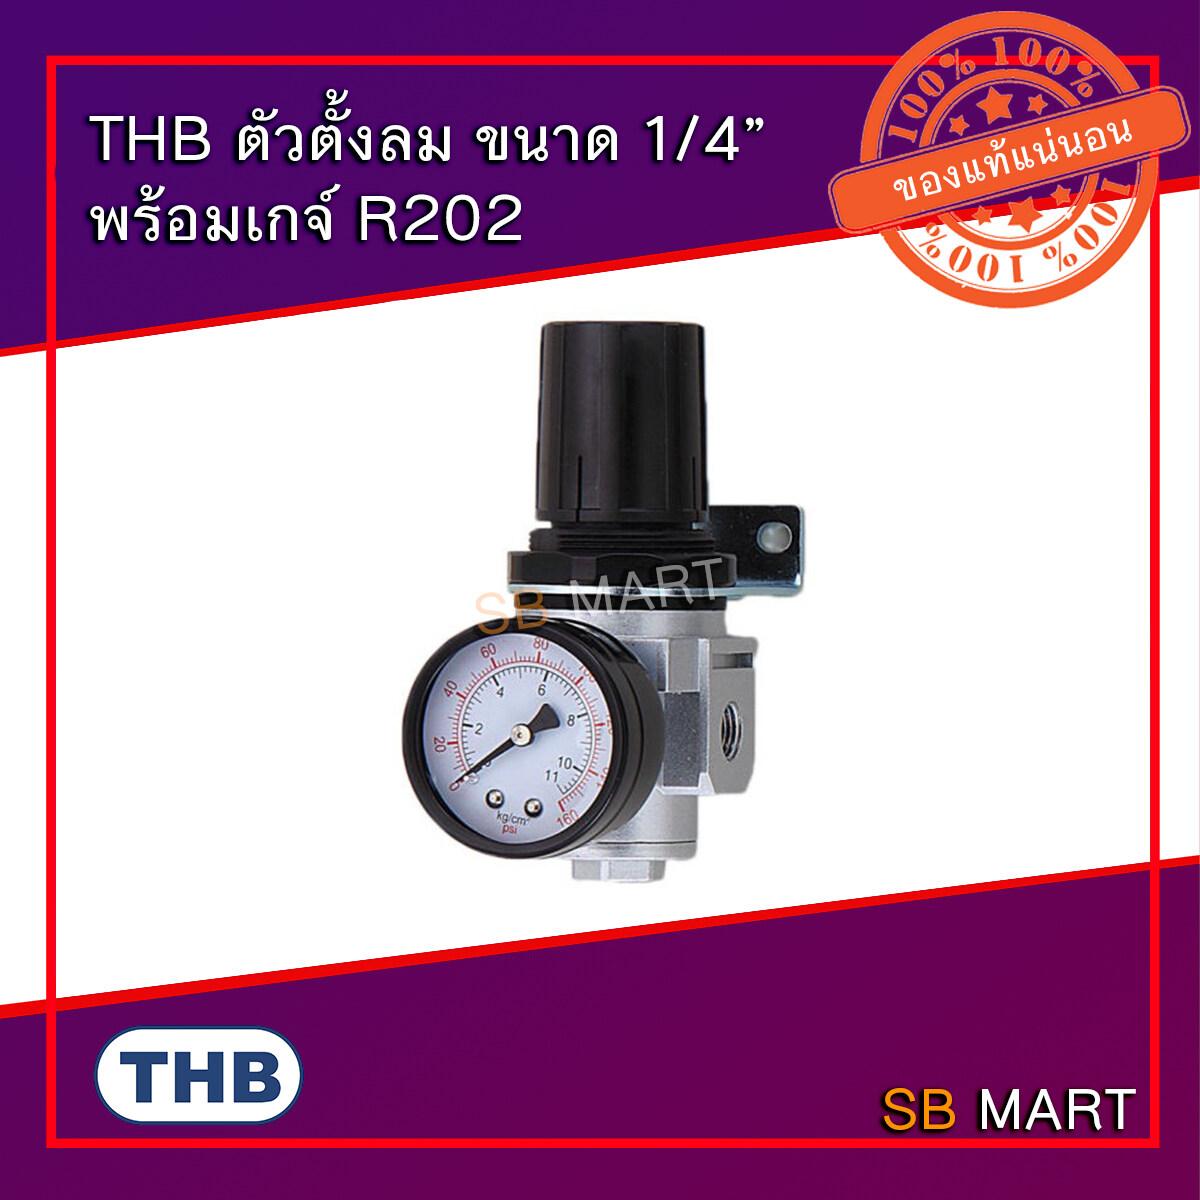 """THB ตัวตั้งลม ตัวปรับแรงดันลม 1/4"""" พร้อมเกจ์ รุ่น R202 (Made in Taiwan)"""